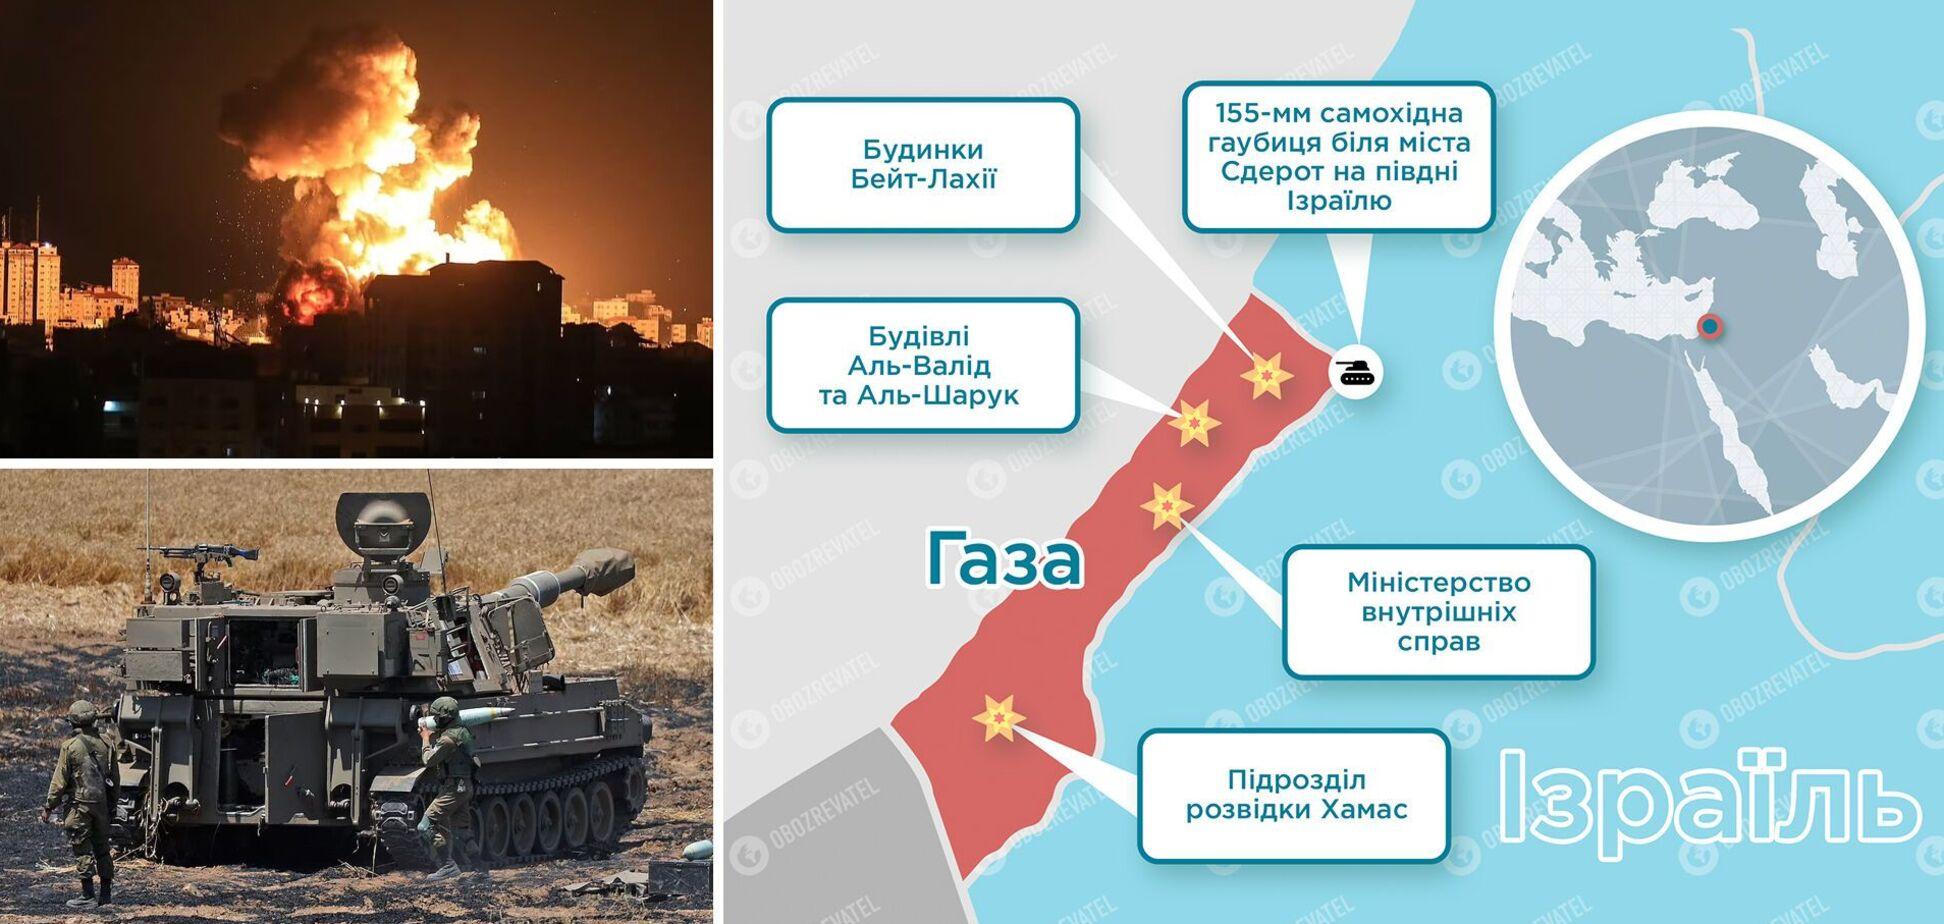 Израиль подвергся атаке из сектора Газа и отплатил авиаударом: что сейчас происходит в зоне противостояния